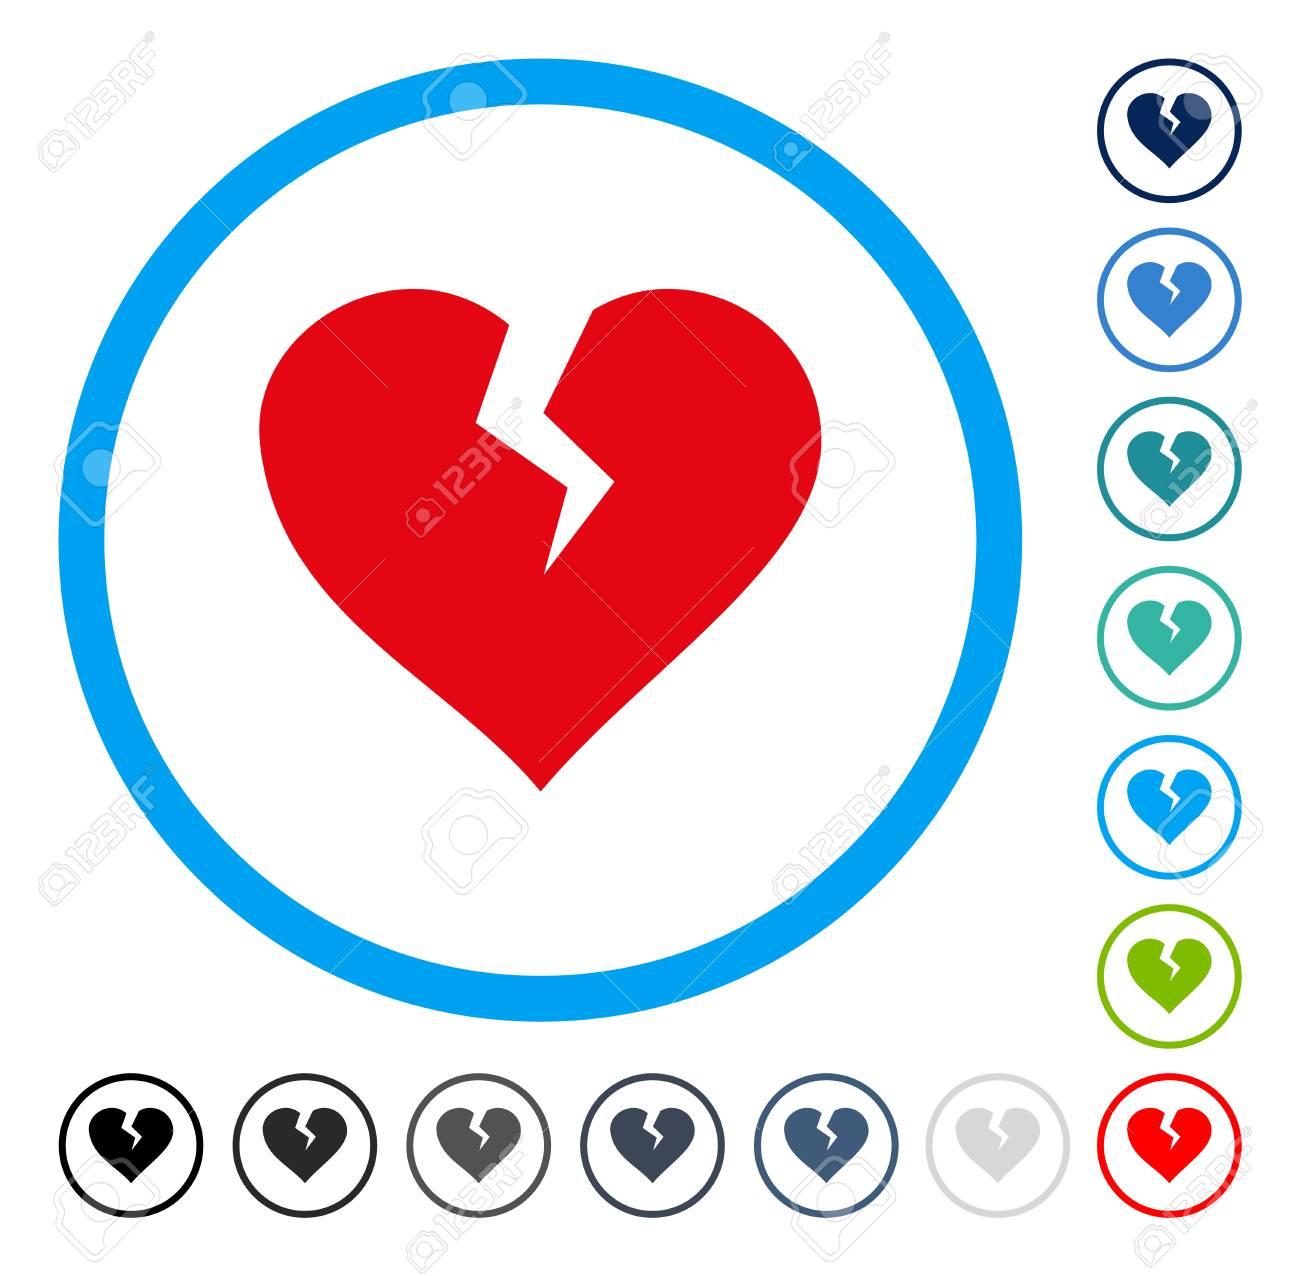 Heart Break Icon Inside Round Frame Vector Illustration Style